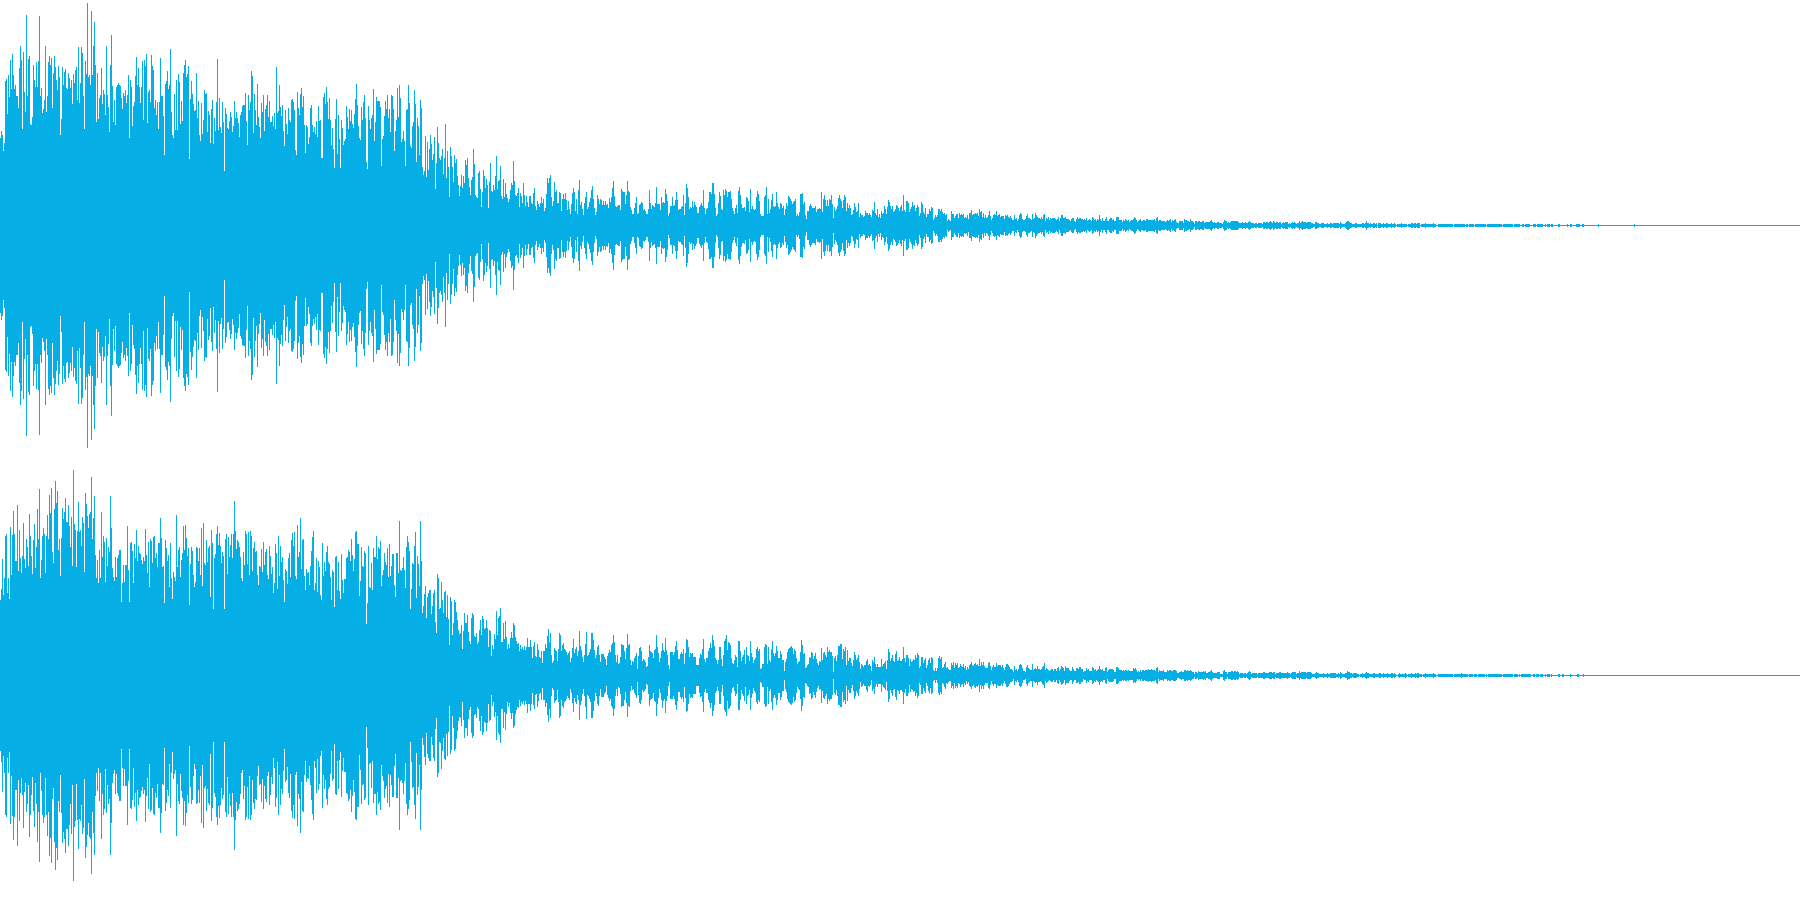 衝撃 金属音 恐怖 震撼 ホラー 23の再生済みの波形